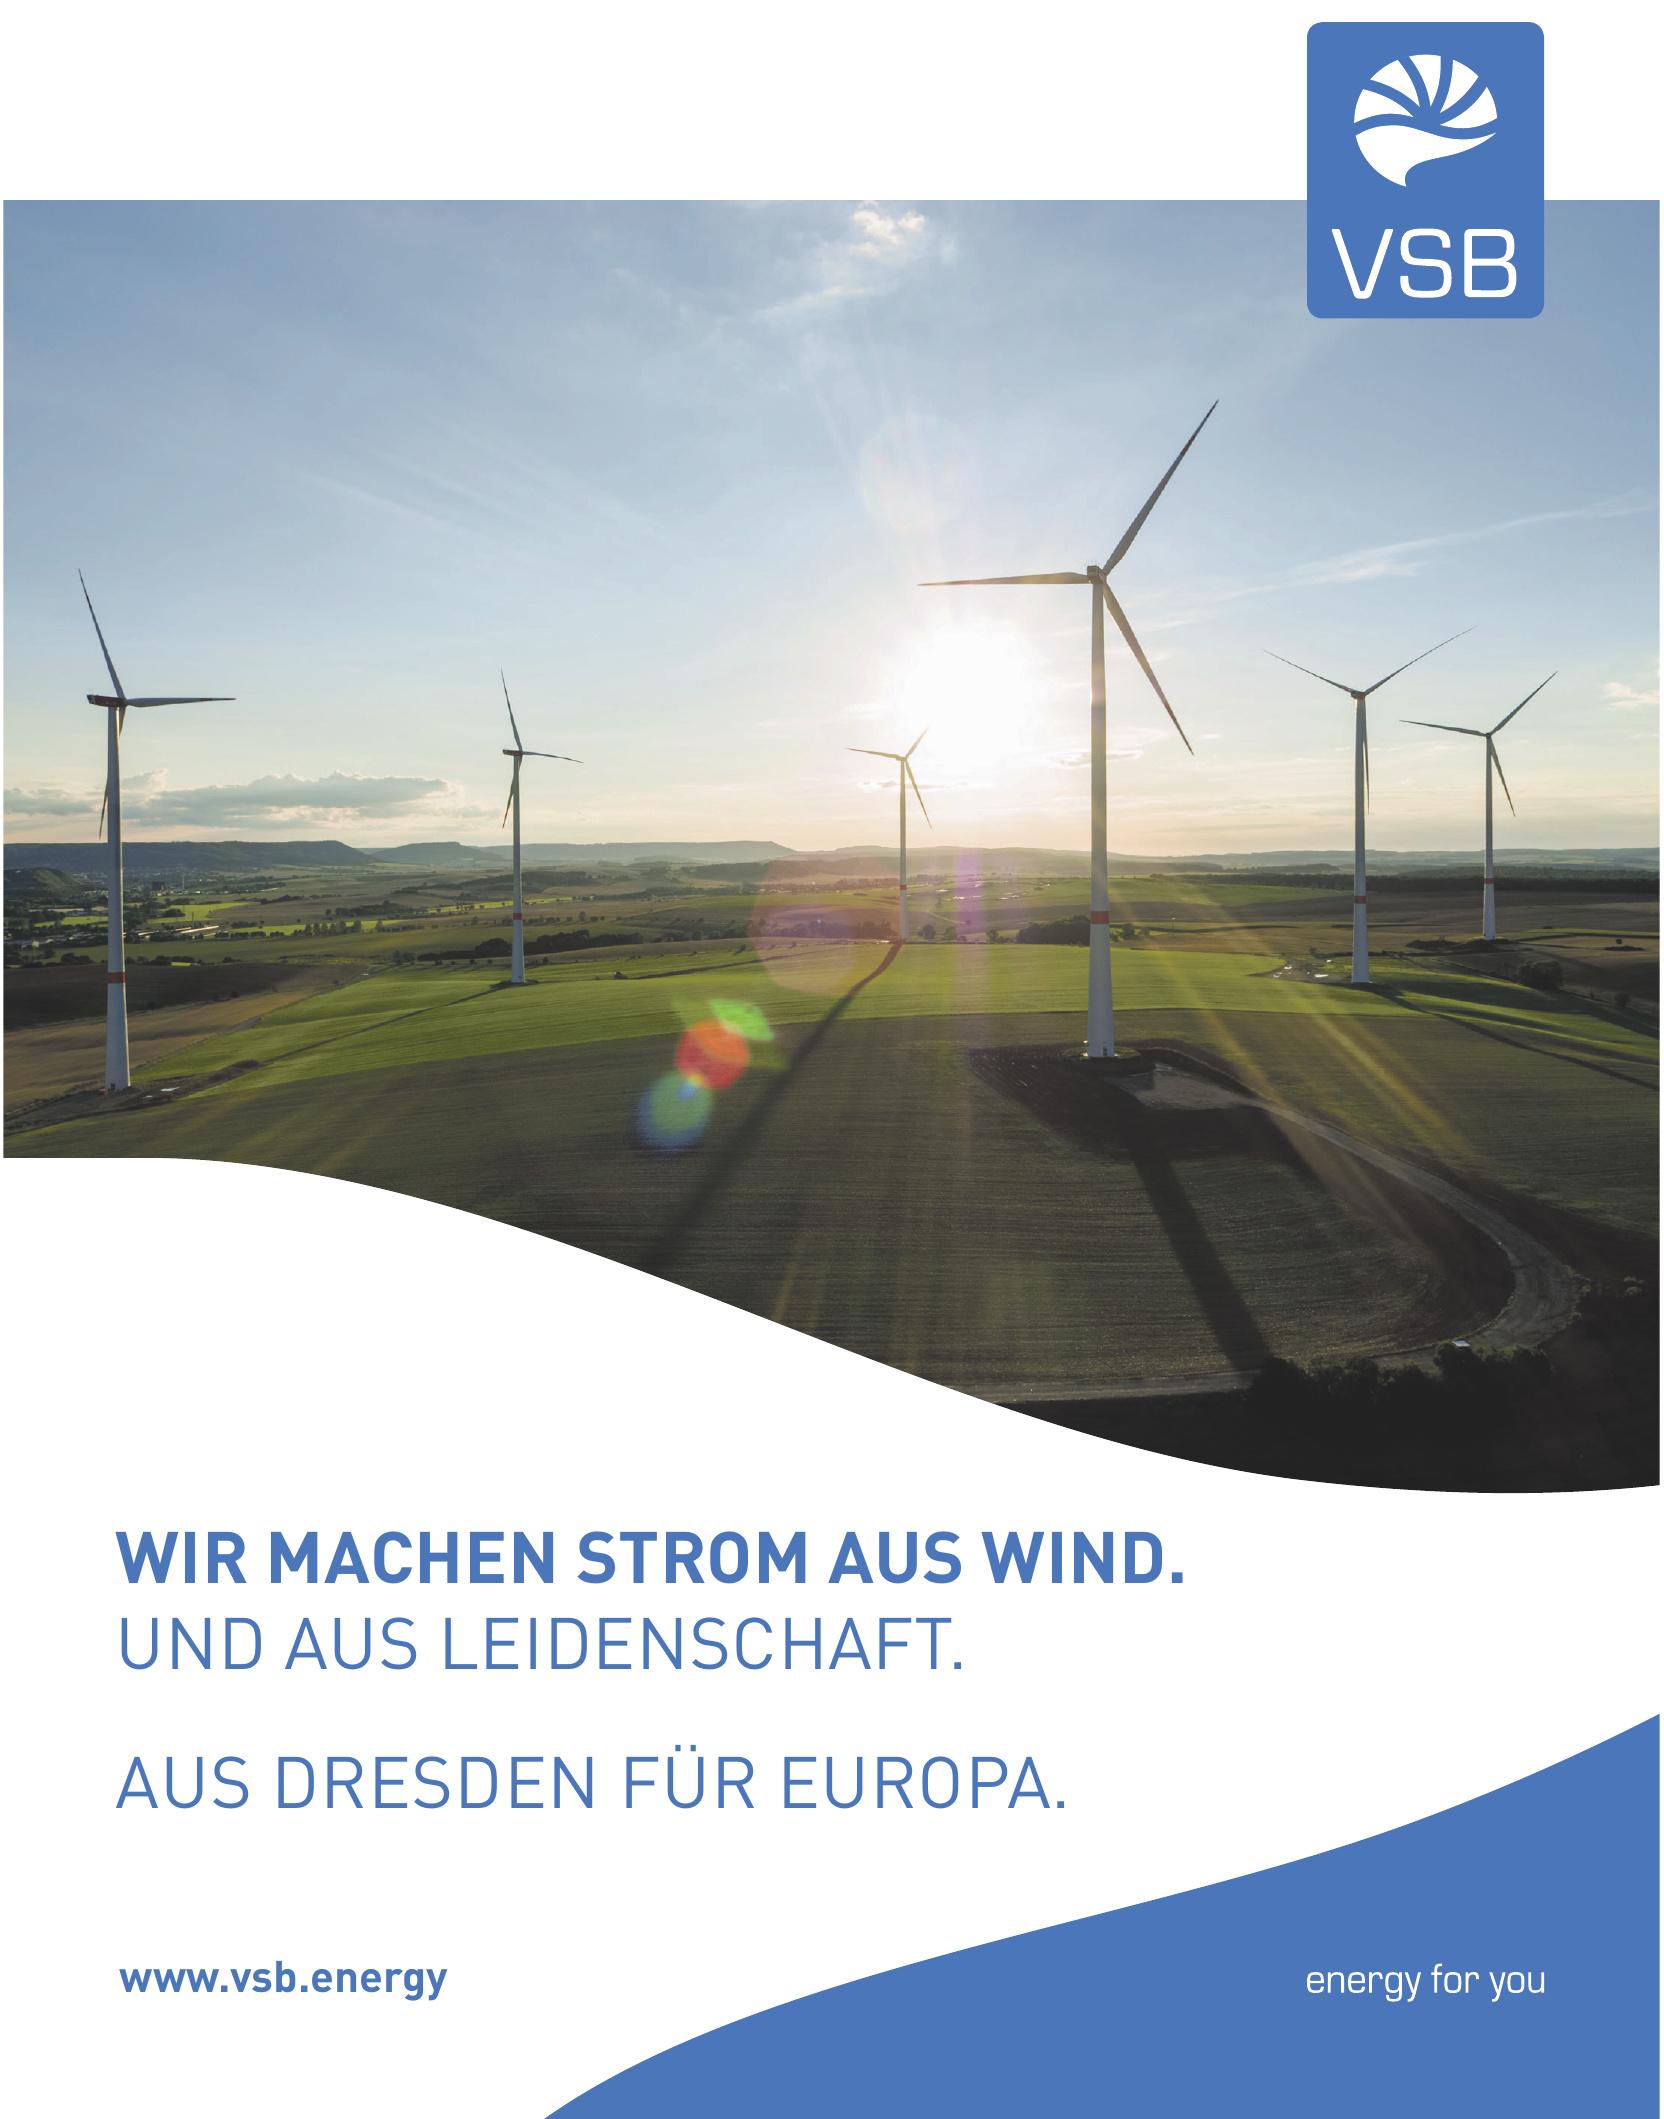 VSB Energy